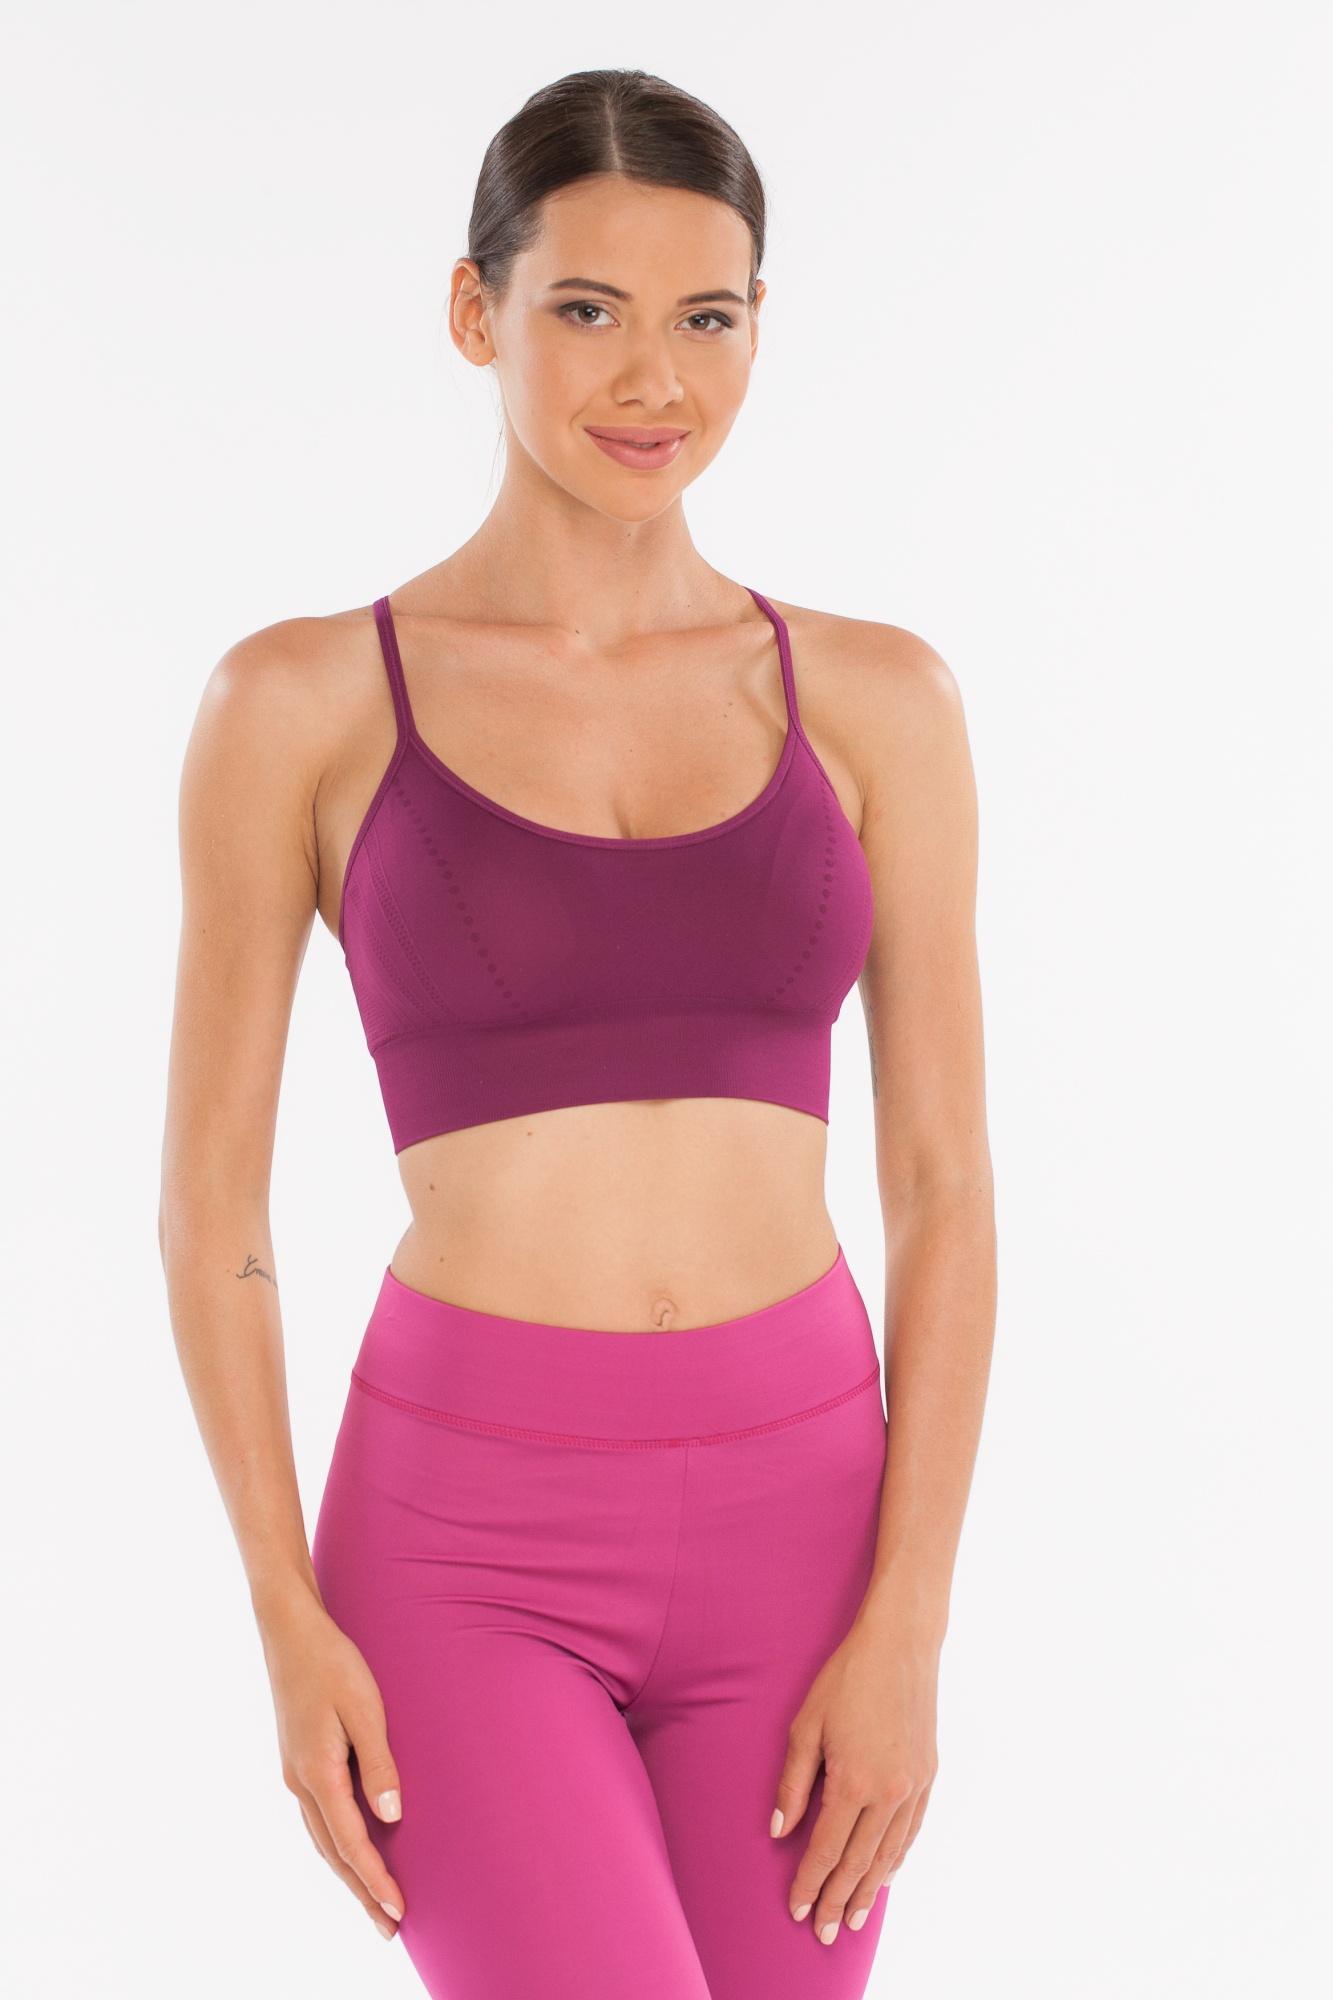 Топ женский PRO-FIT, цвет: темно-розовый. Размер 48/5011692 DARK BERRY (L)Спортивный топ для фитнеса